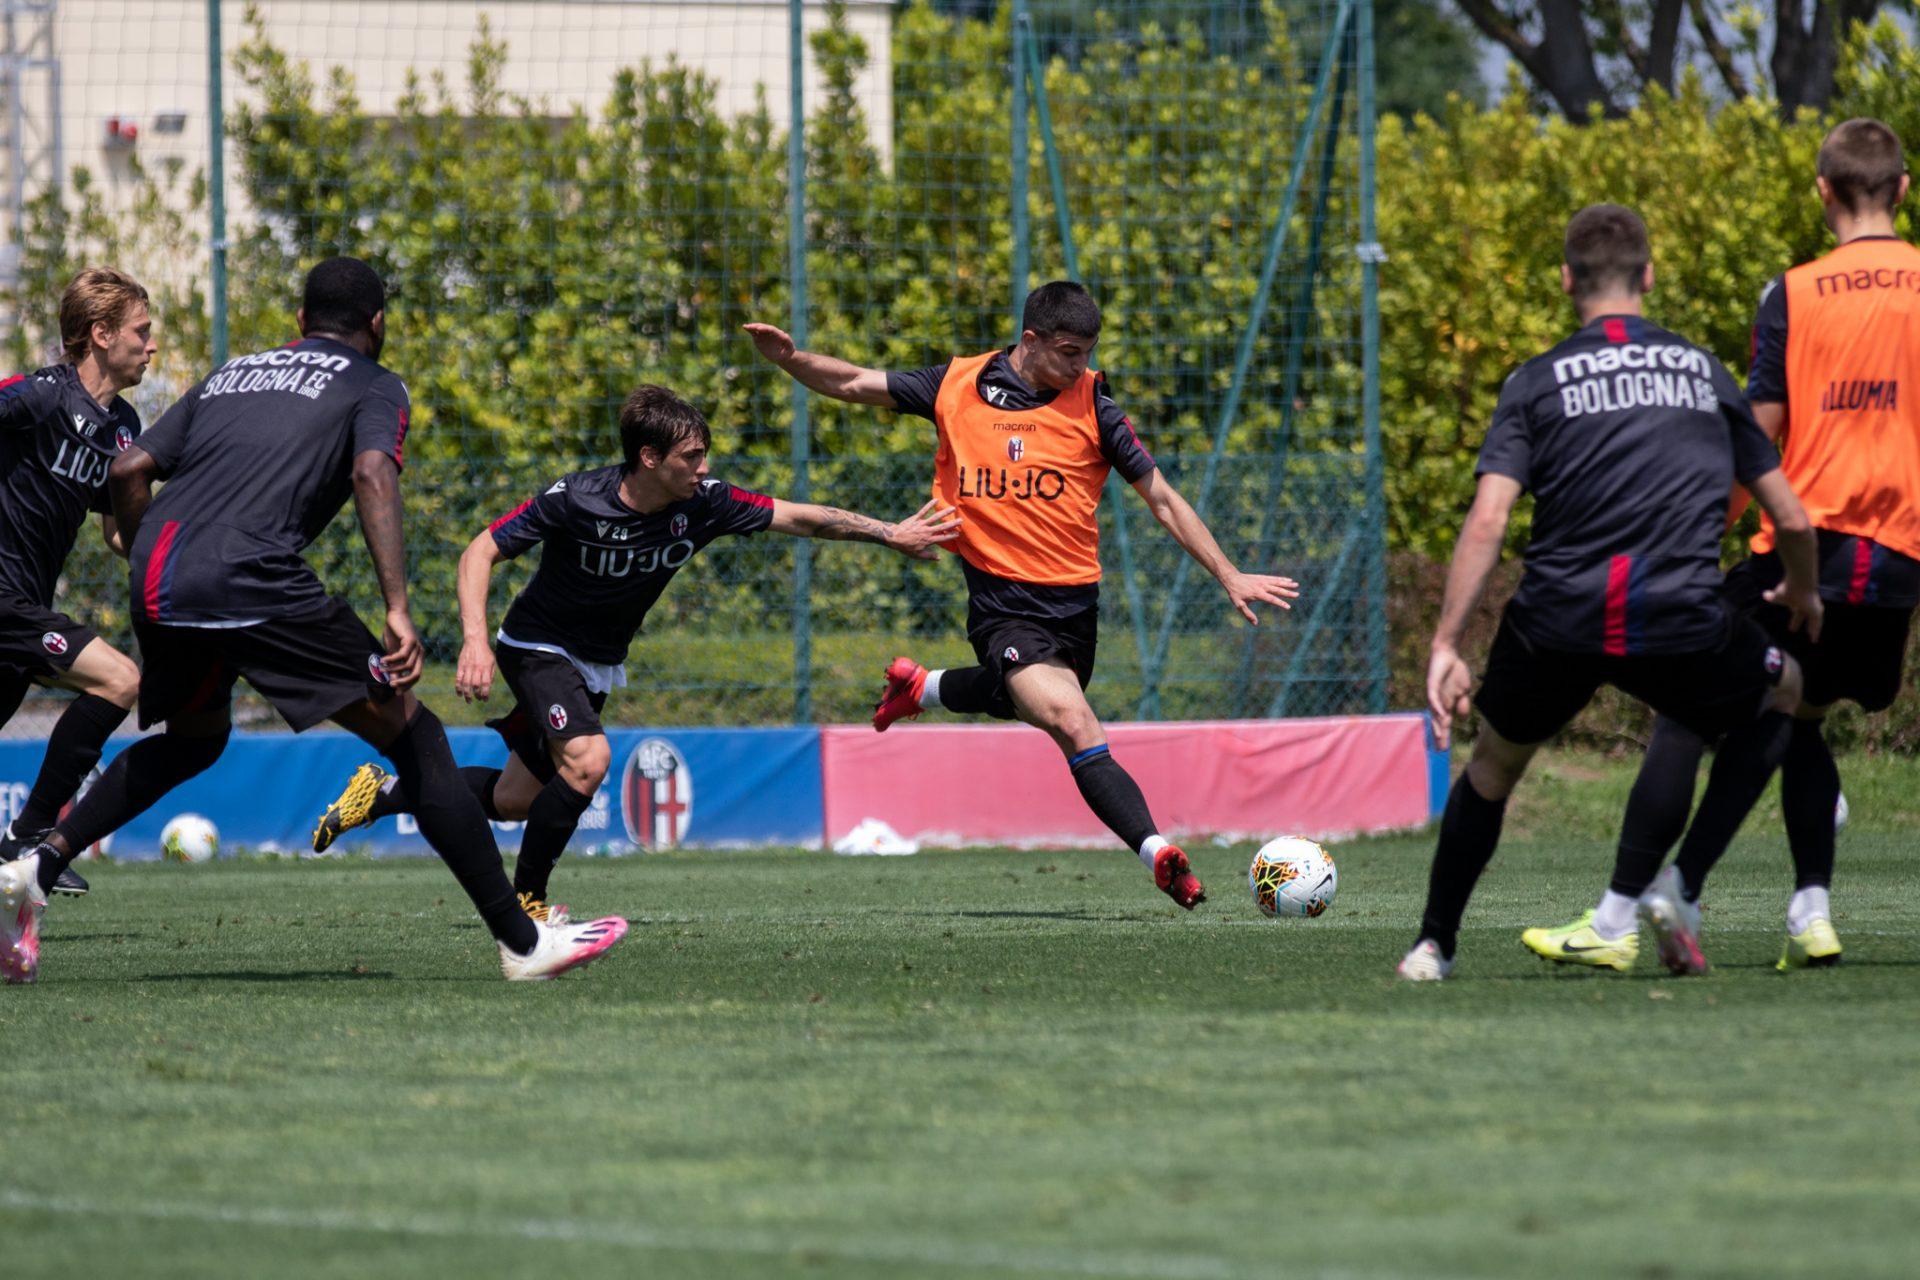 Il Resto del Carlino - Contro la Juventus il 22 giugno?